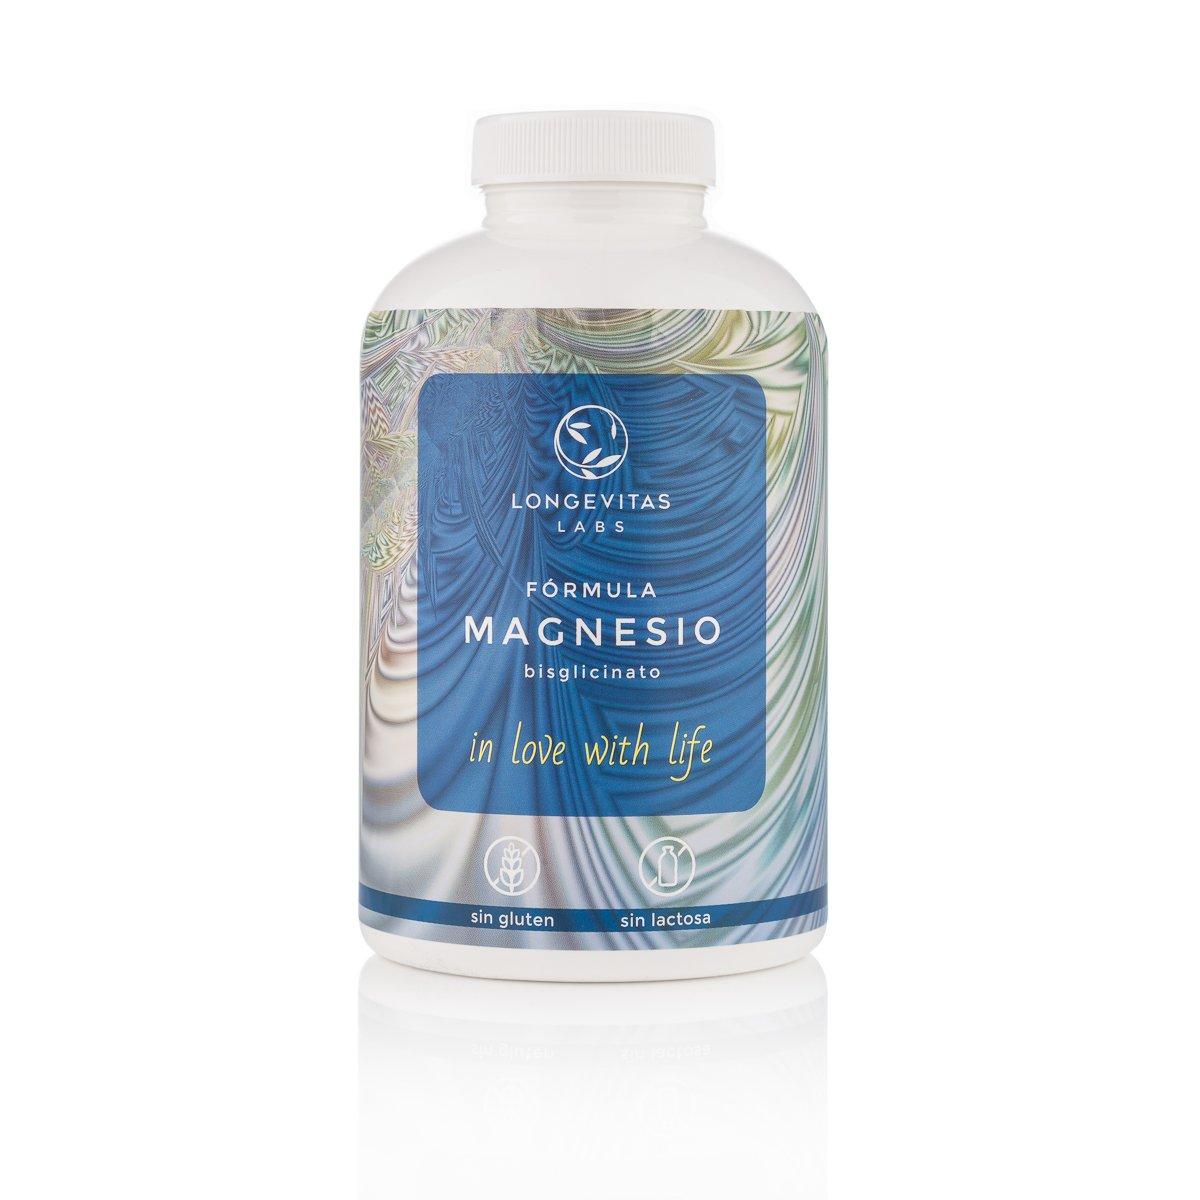 Fórmula Magnesio es el complemento nutricional de Longevitas Labs a base de bisglicinato de magnesio, L-Glicina y vitamina B6. Apto para veganos y personas ...